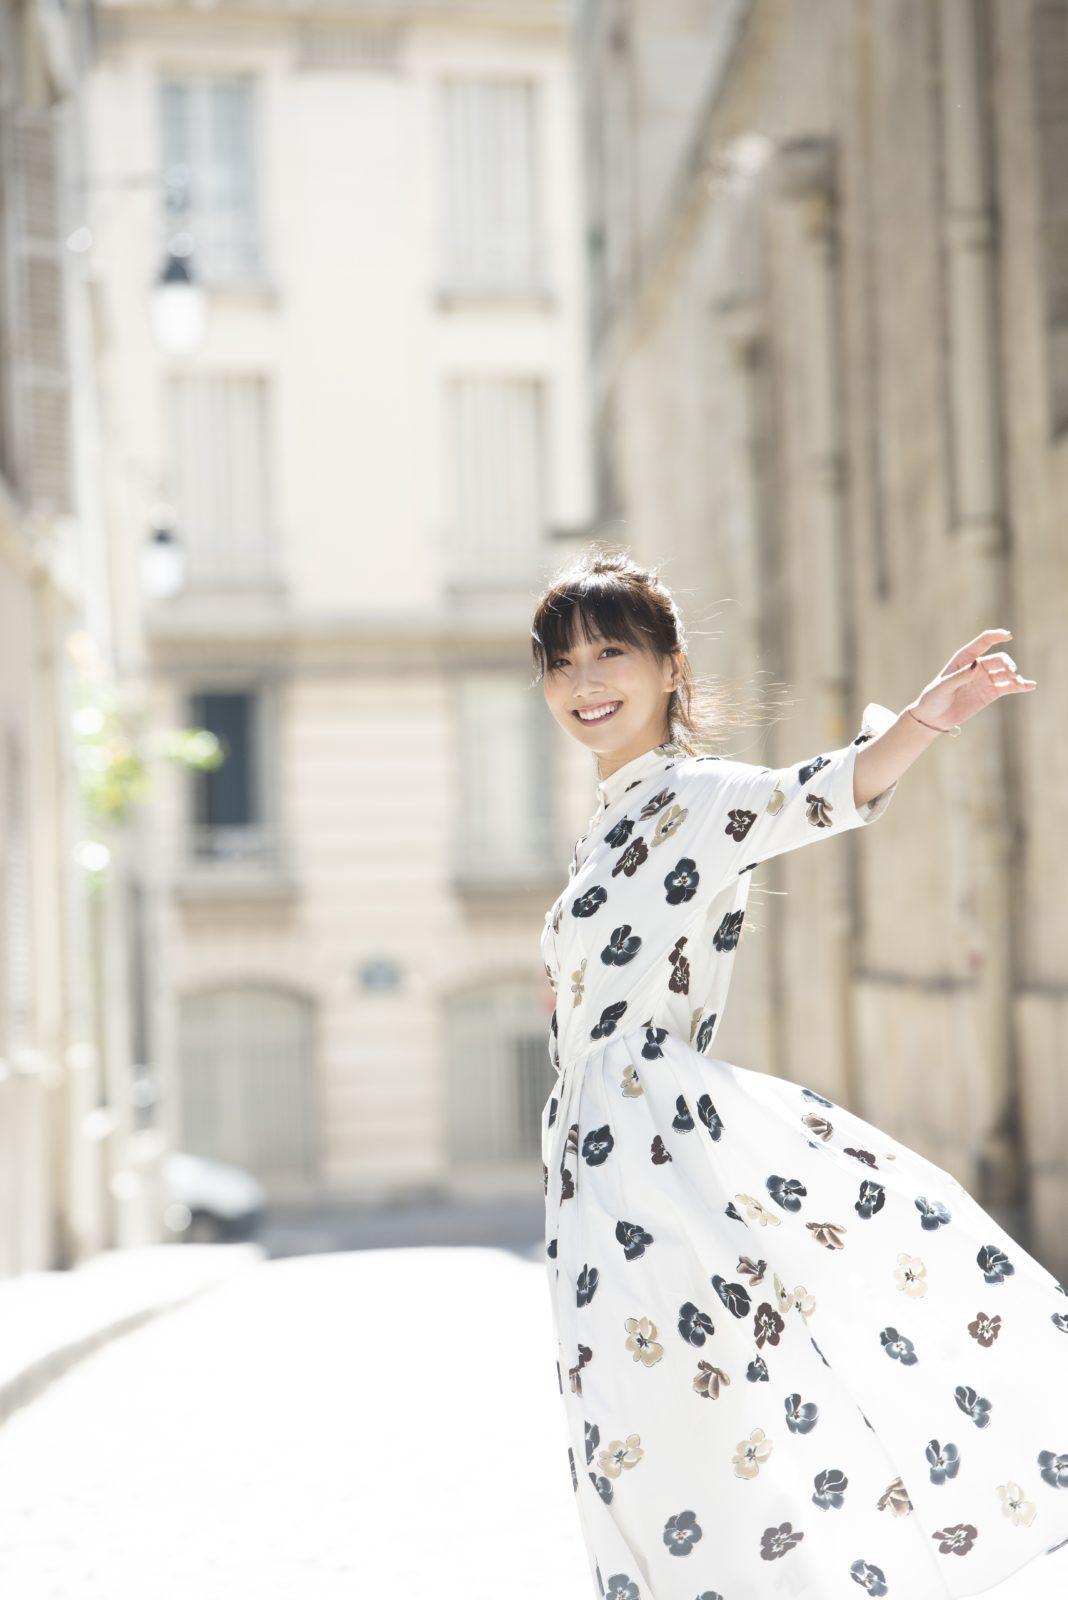 大塚愛、ピアノ弾き語りアルバム『Aio Piano Arioso』より「ヒカリ」のライブ映像を公開サムネイル画像